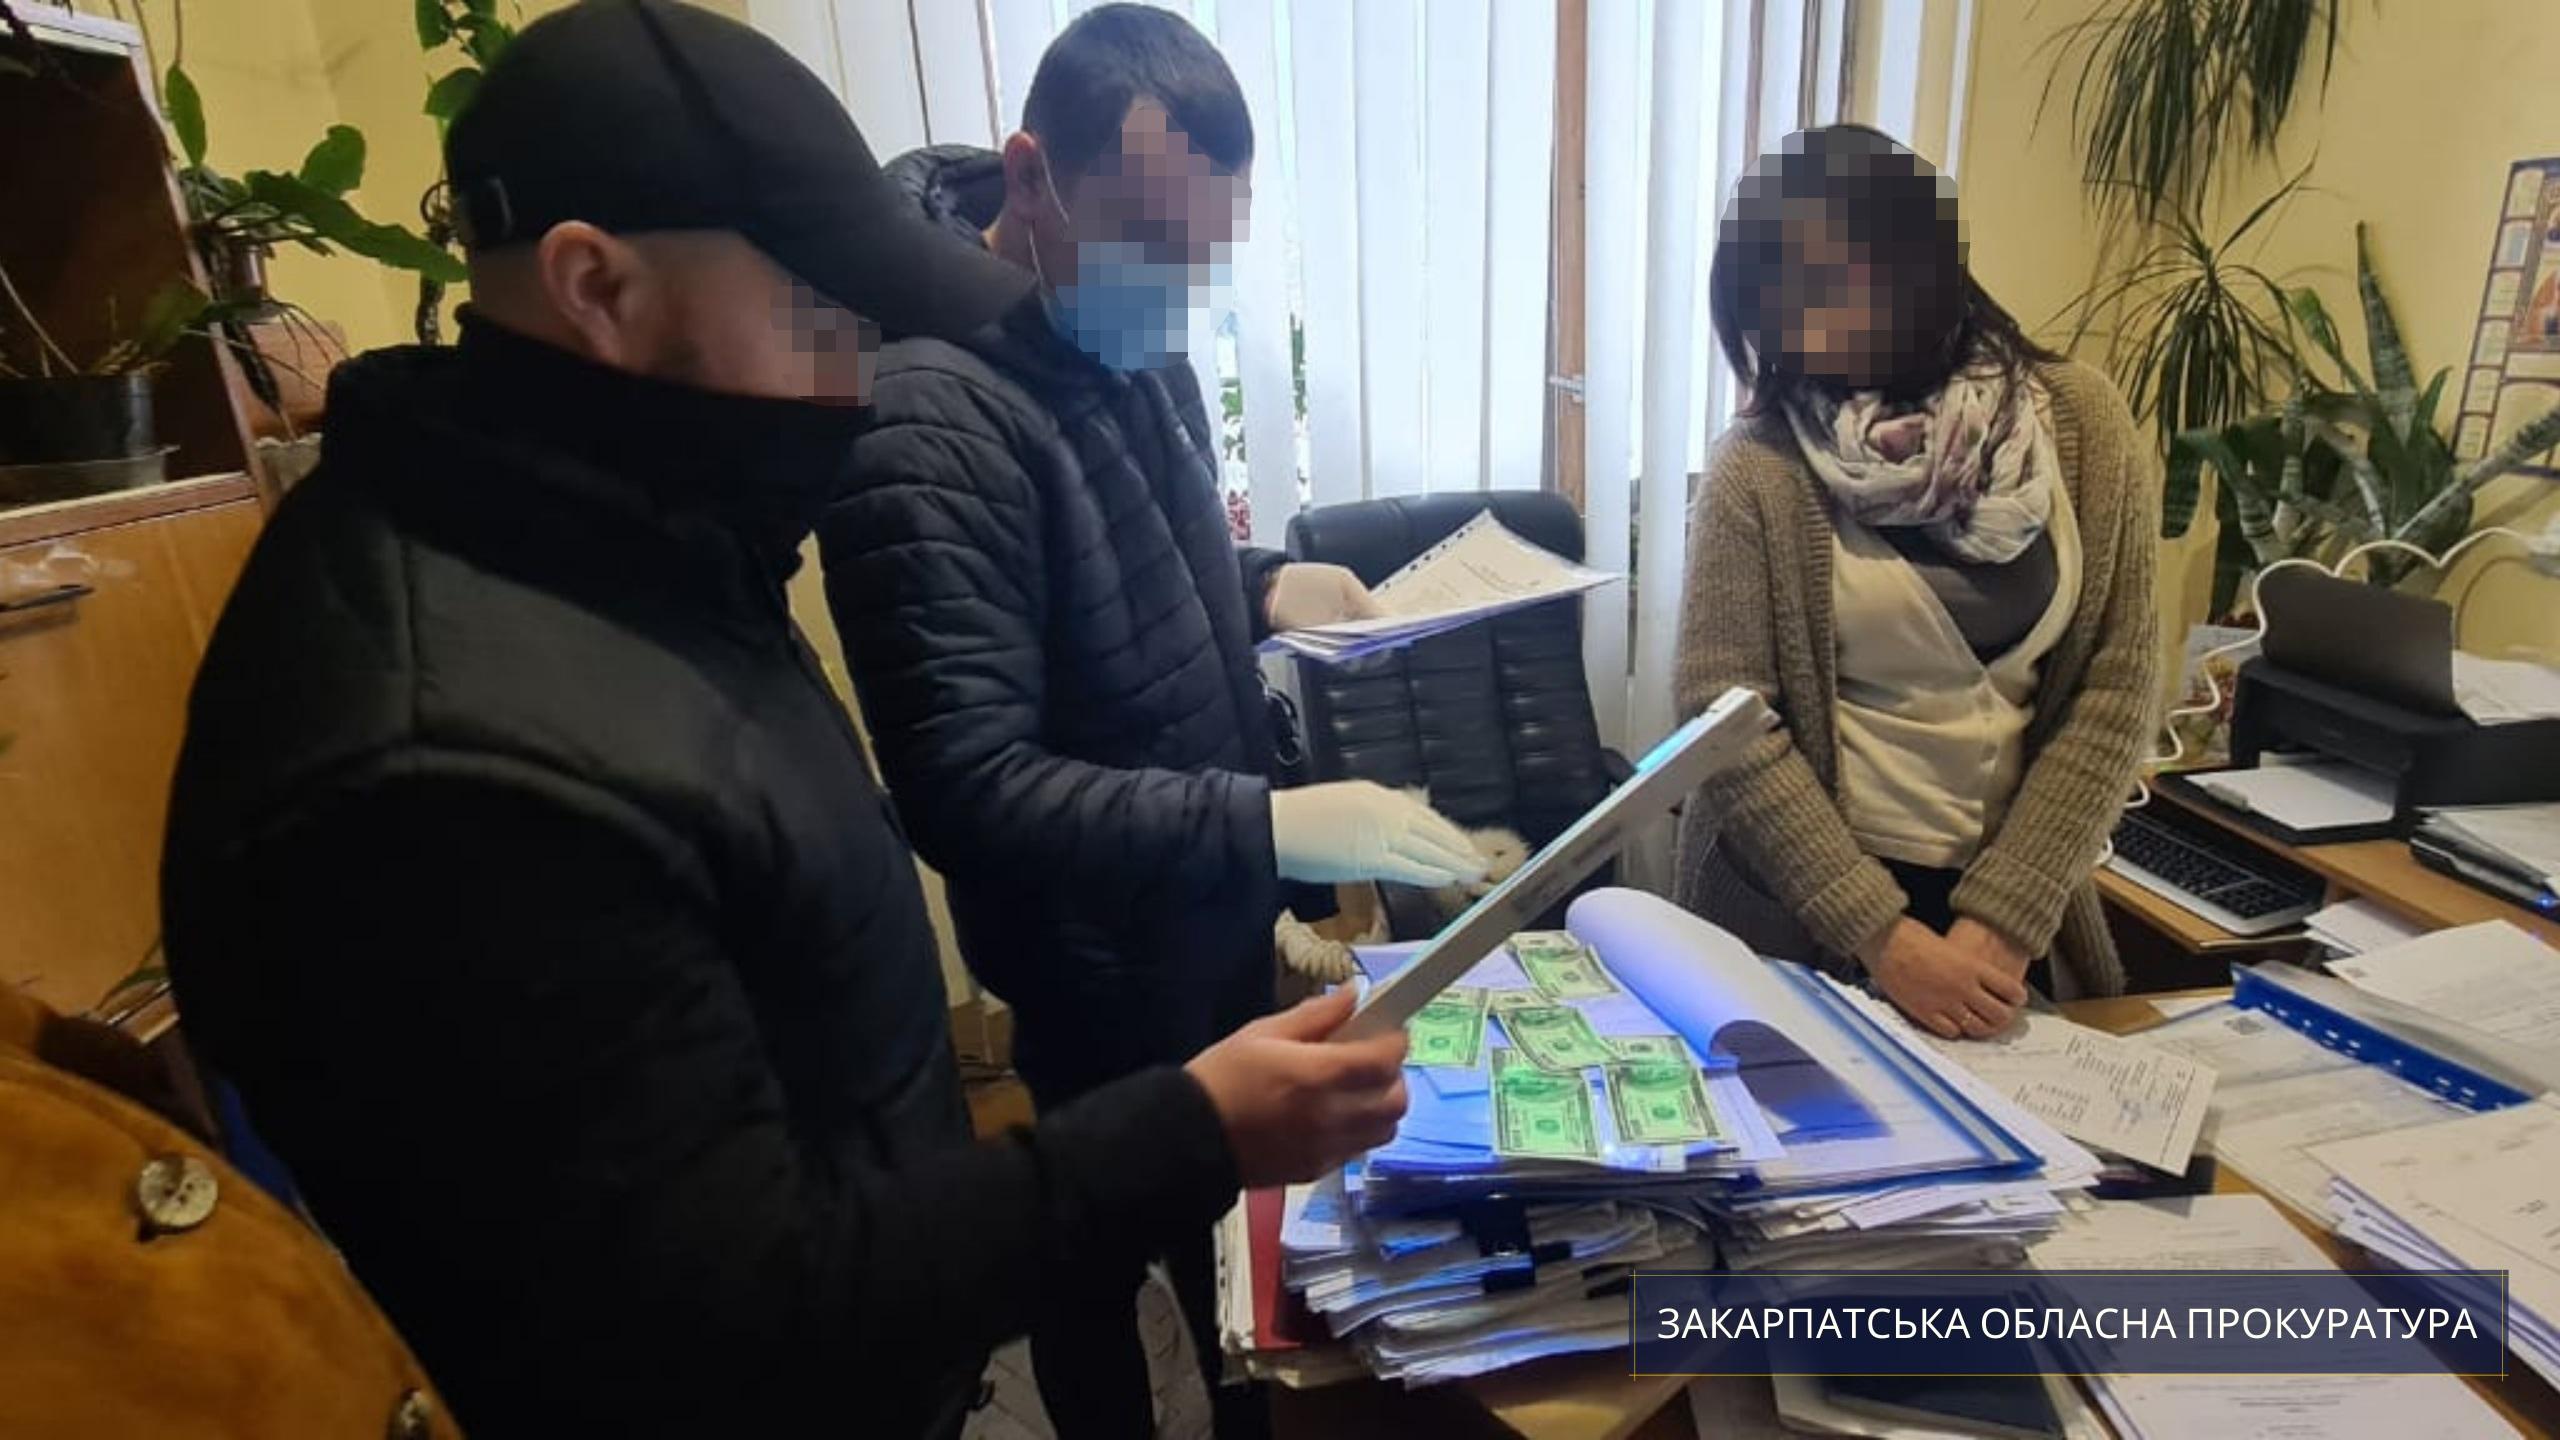 Под процессуальным руководством Закарпатской областной прокуратуры начальник одного из отделов Свалявской областной государственной администрации был разоблачен за получение незаконных льгот